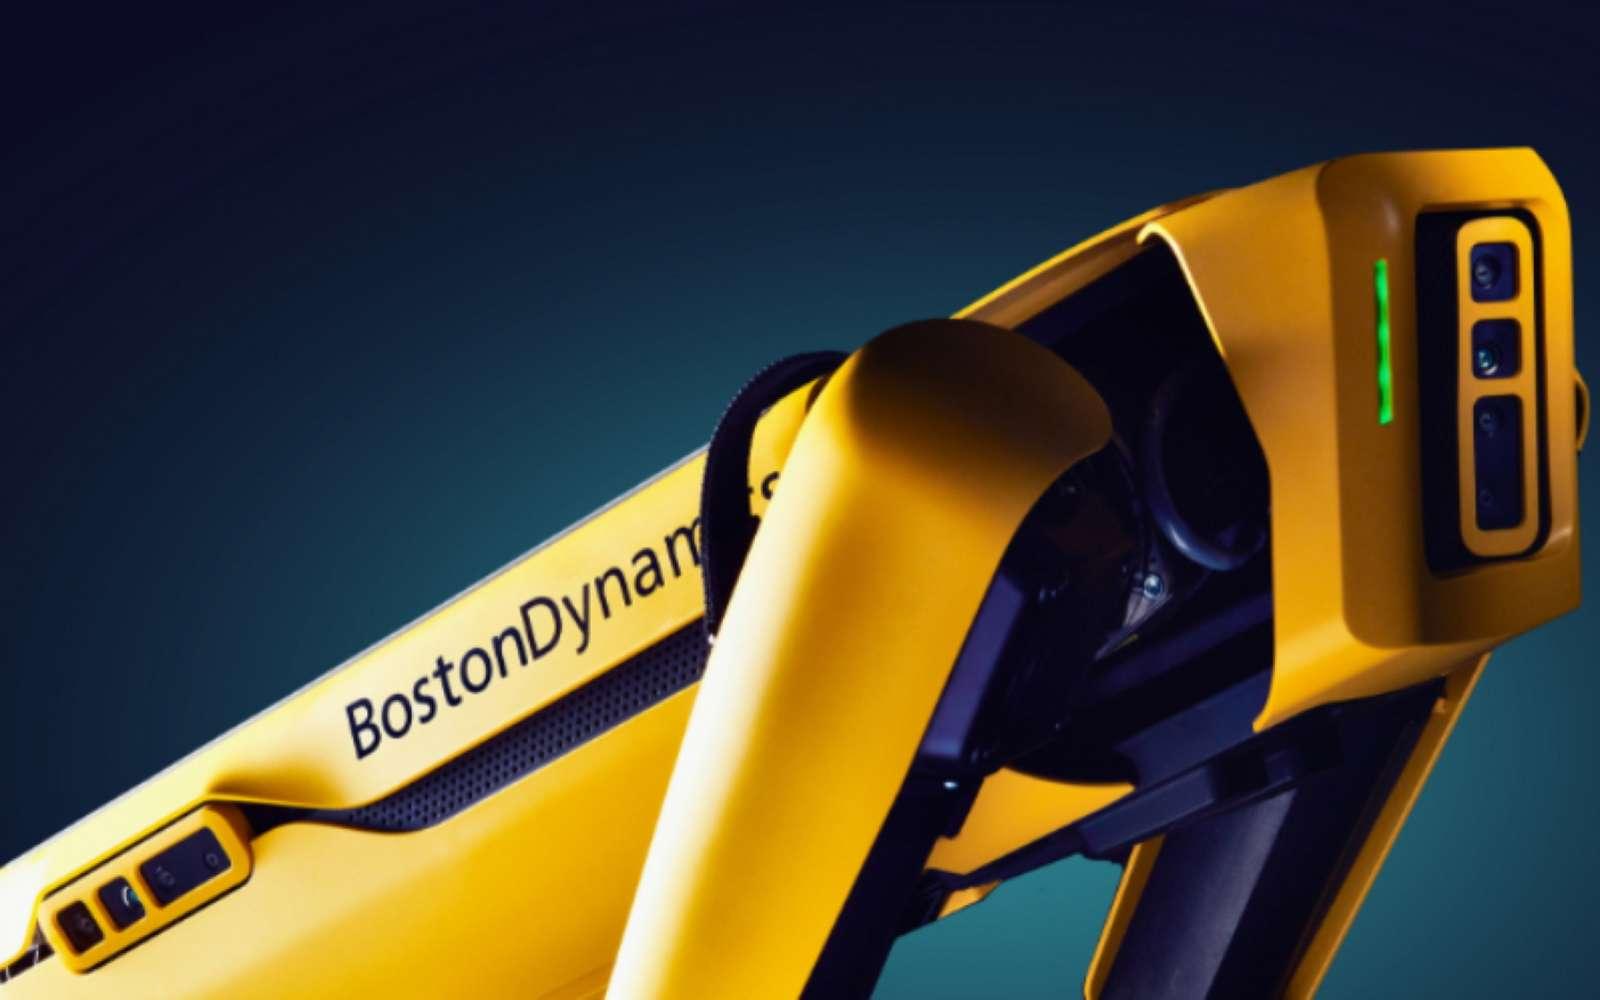 Le robot Spot n'a plus besoin d'être humains pour se recharger - Futura